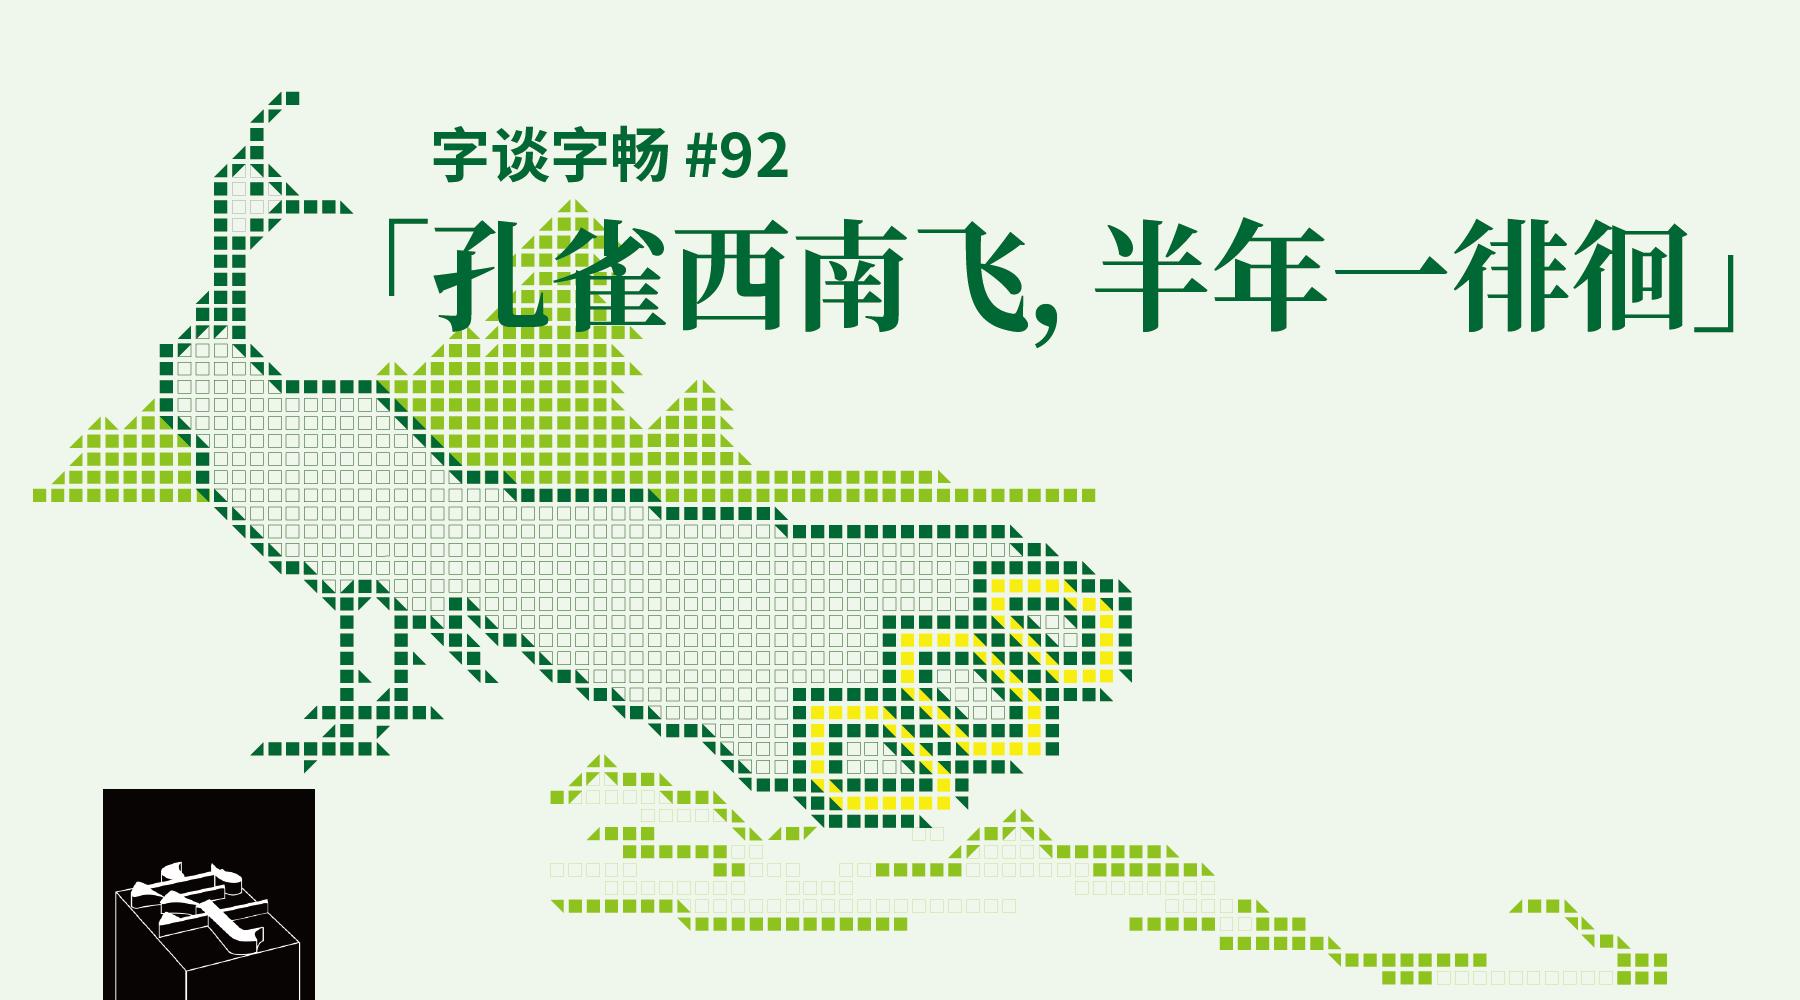 TypeChat #92